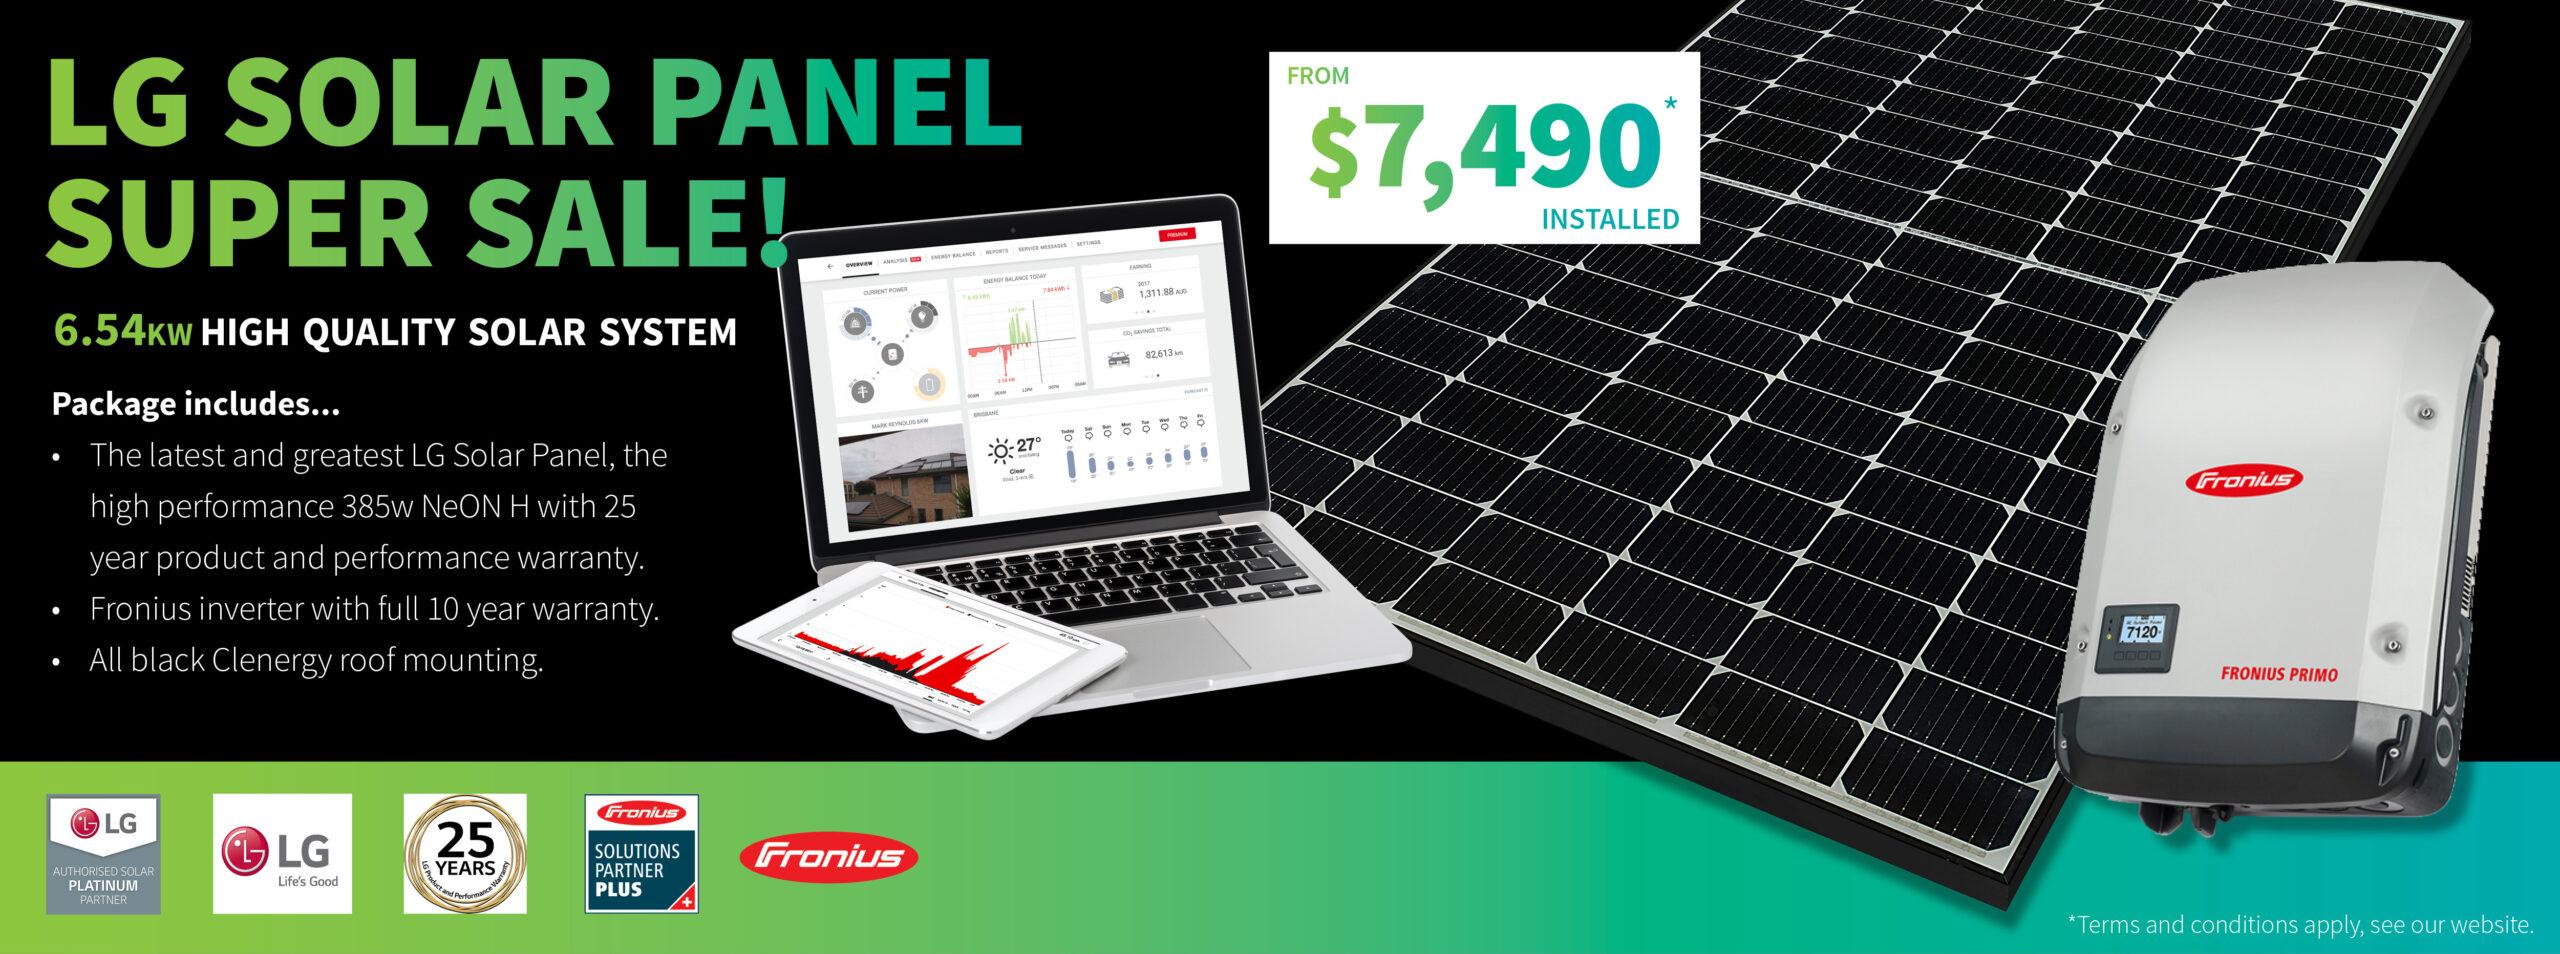 LG Solar Special